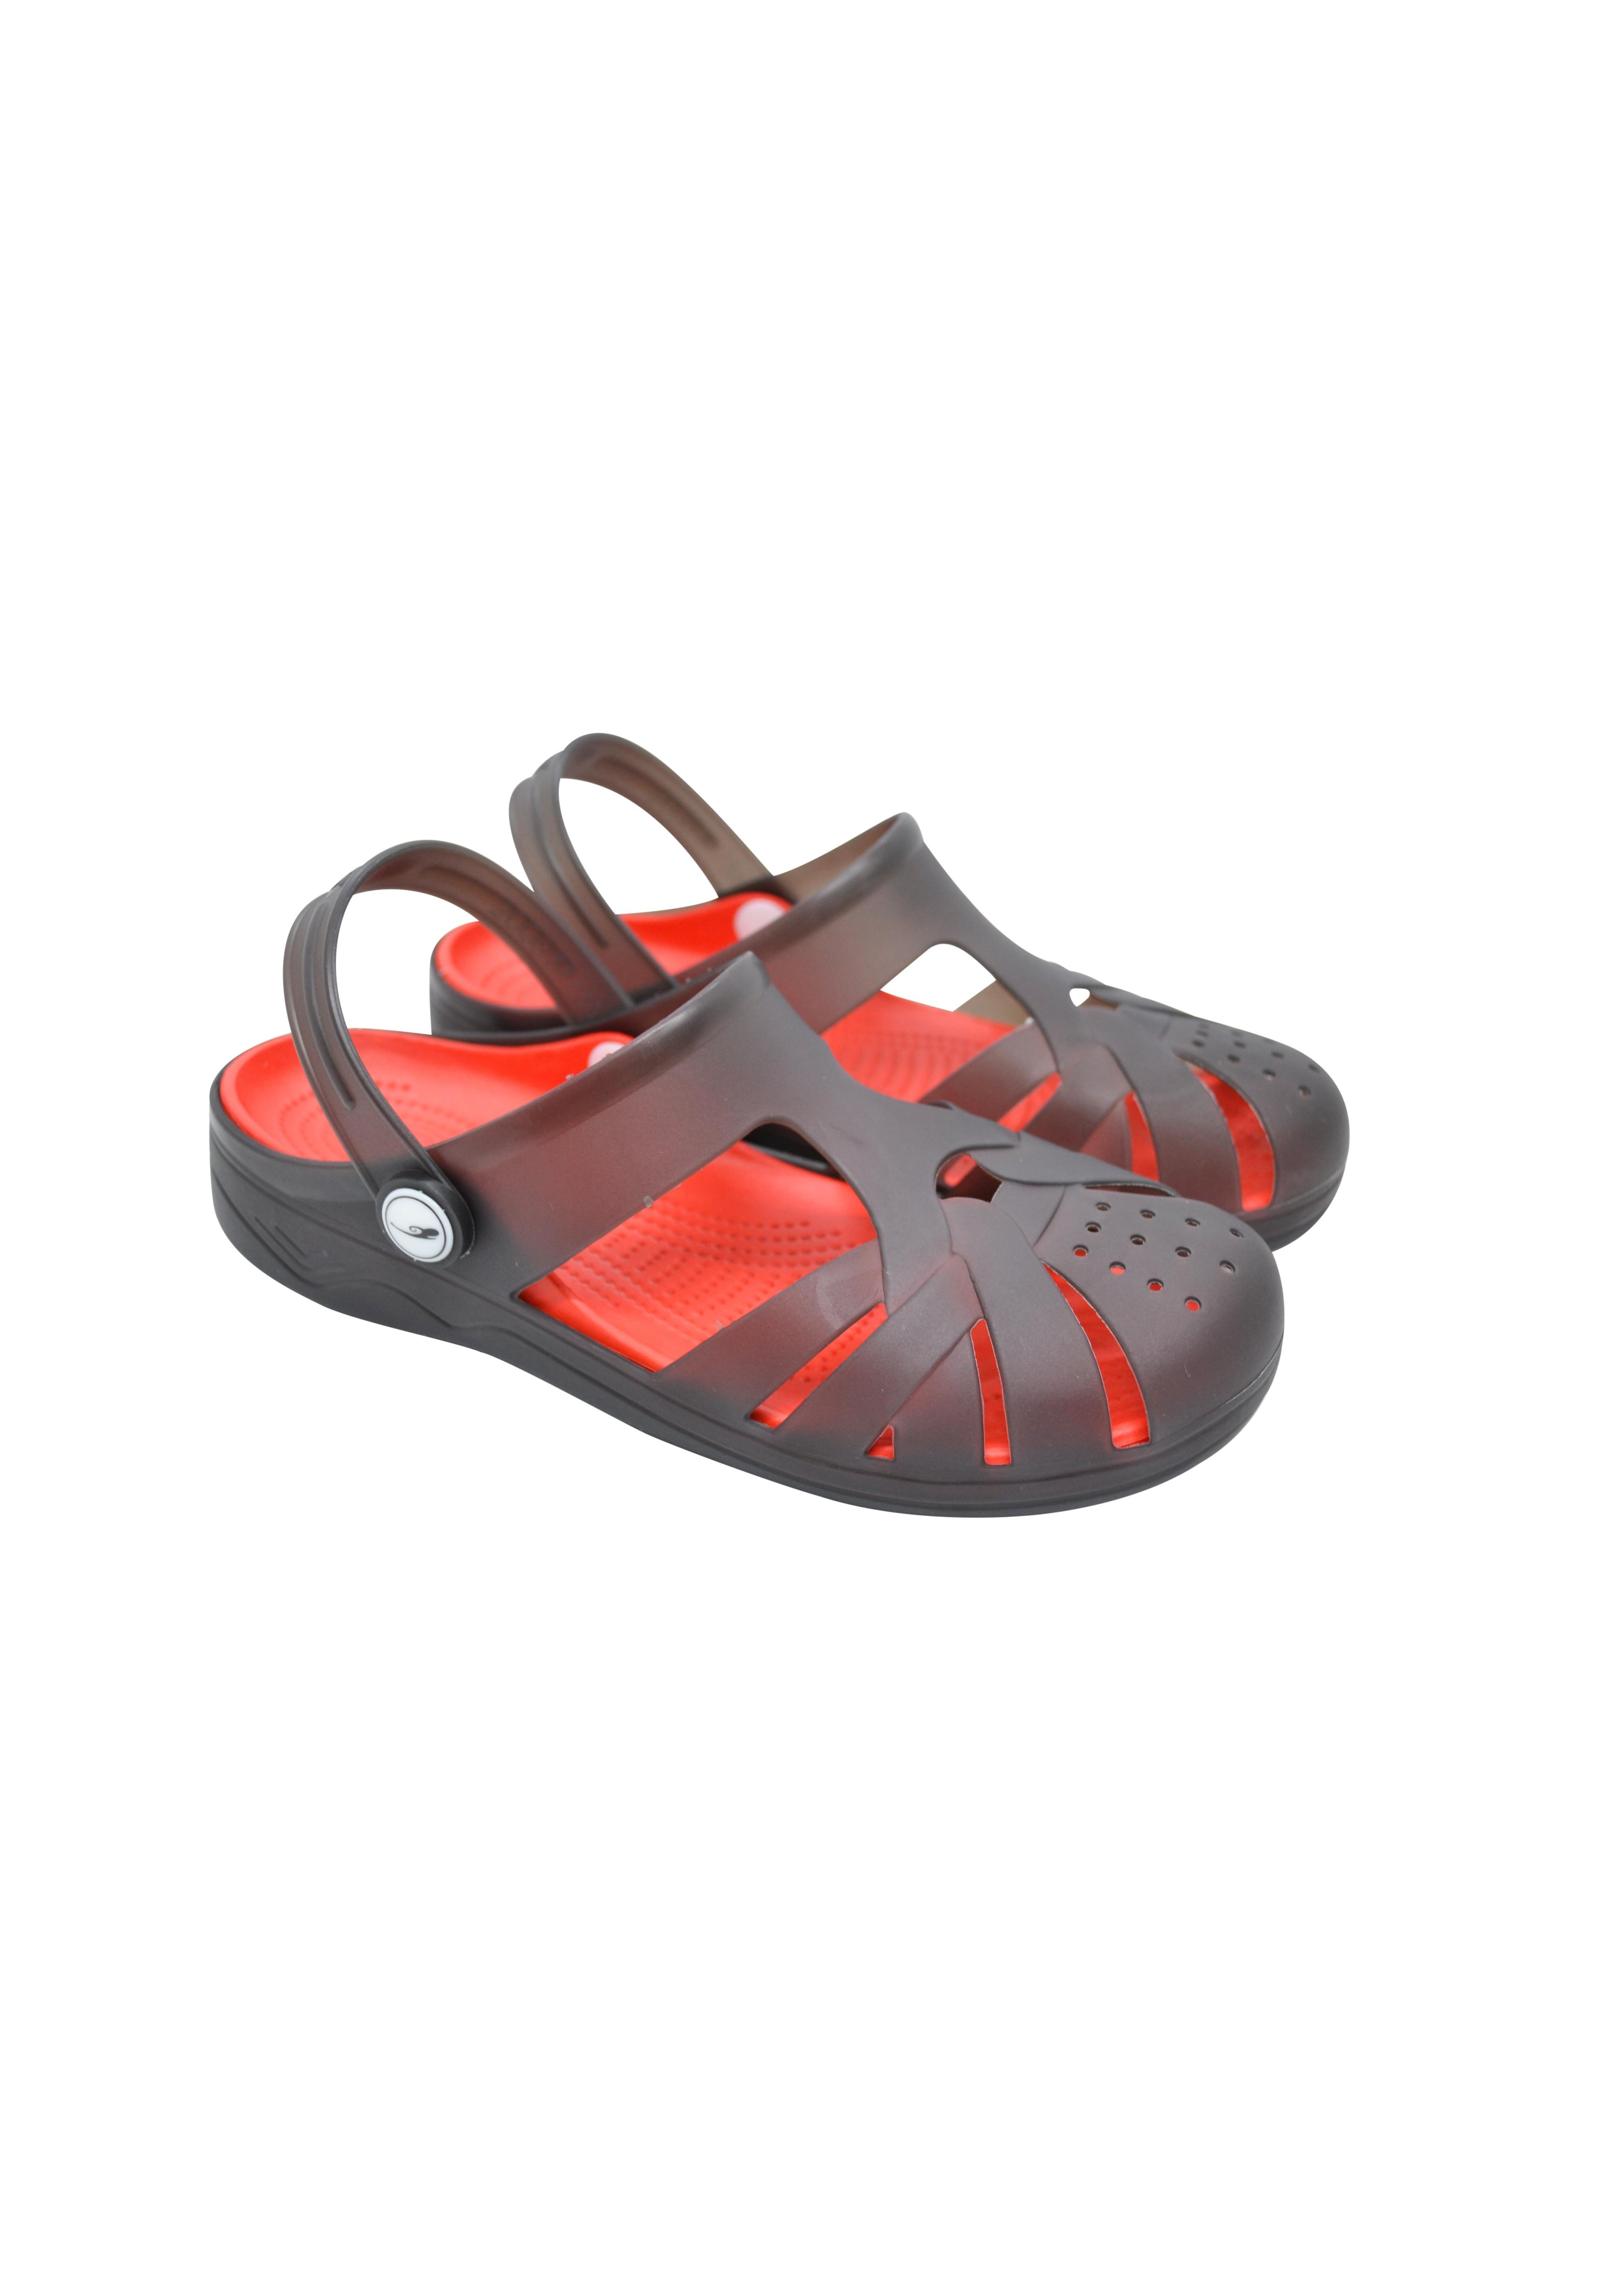 Sandals nhựa nữ K2925